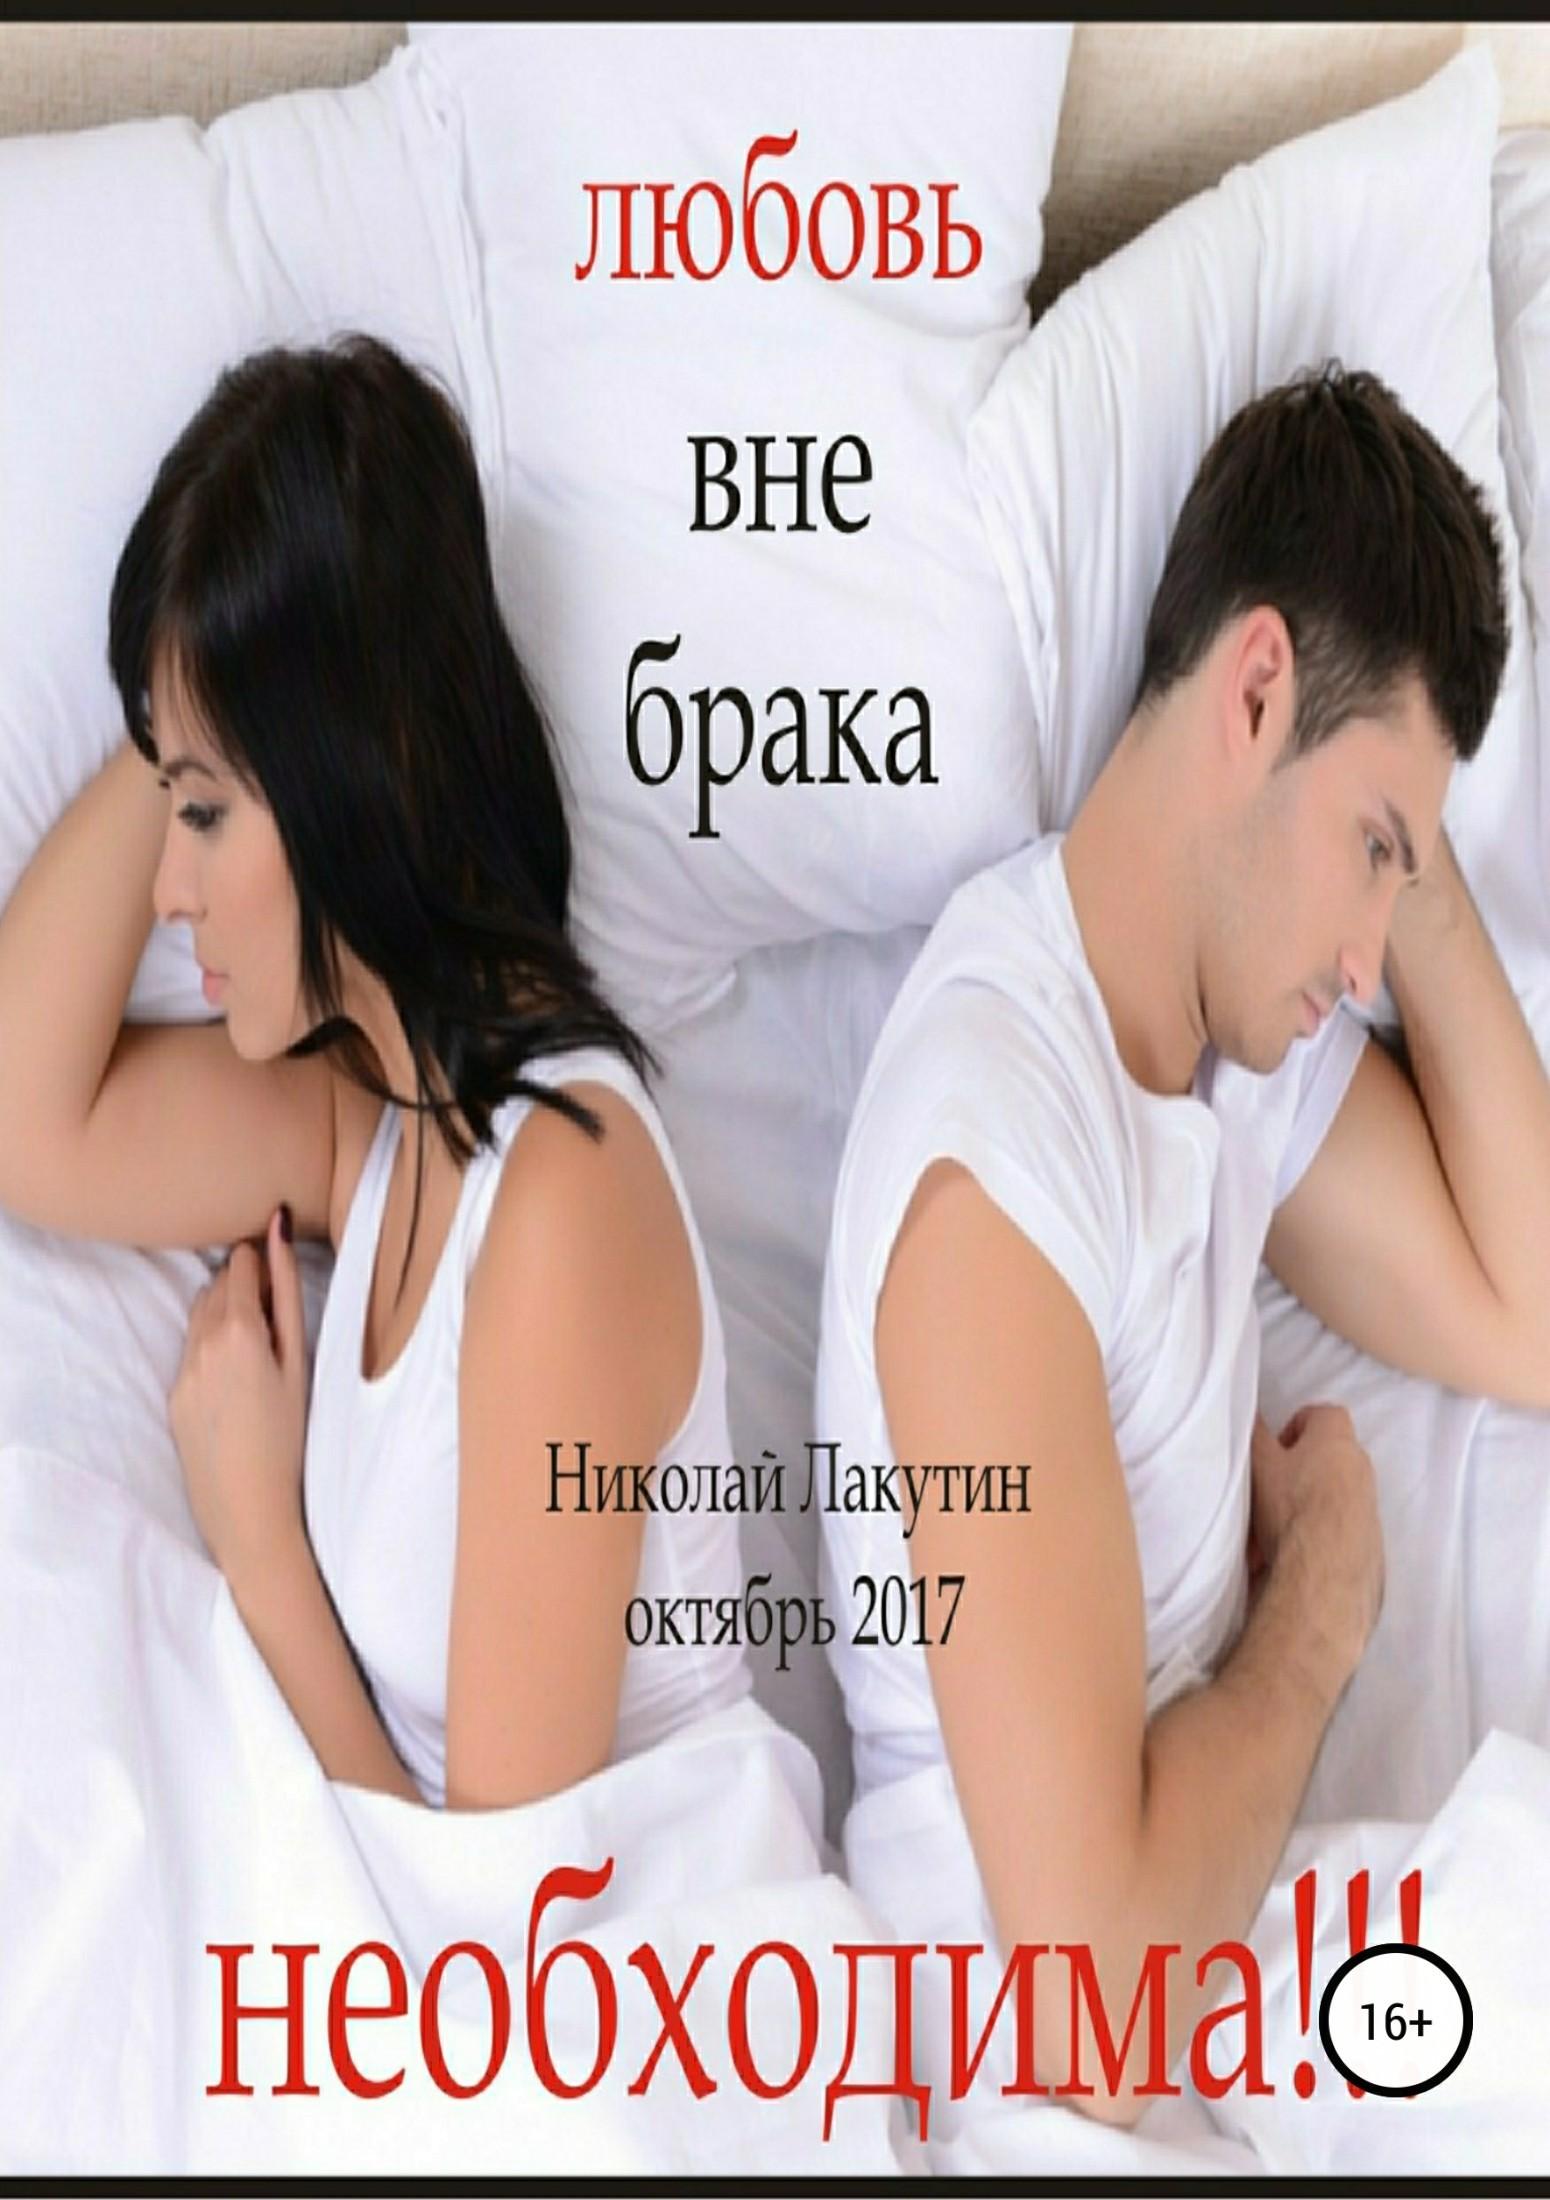 Николай Владимирович Лакутин бесплатно